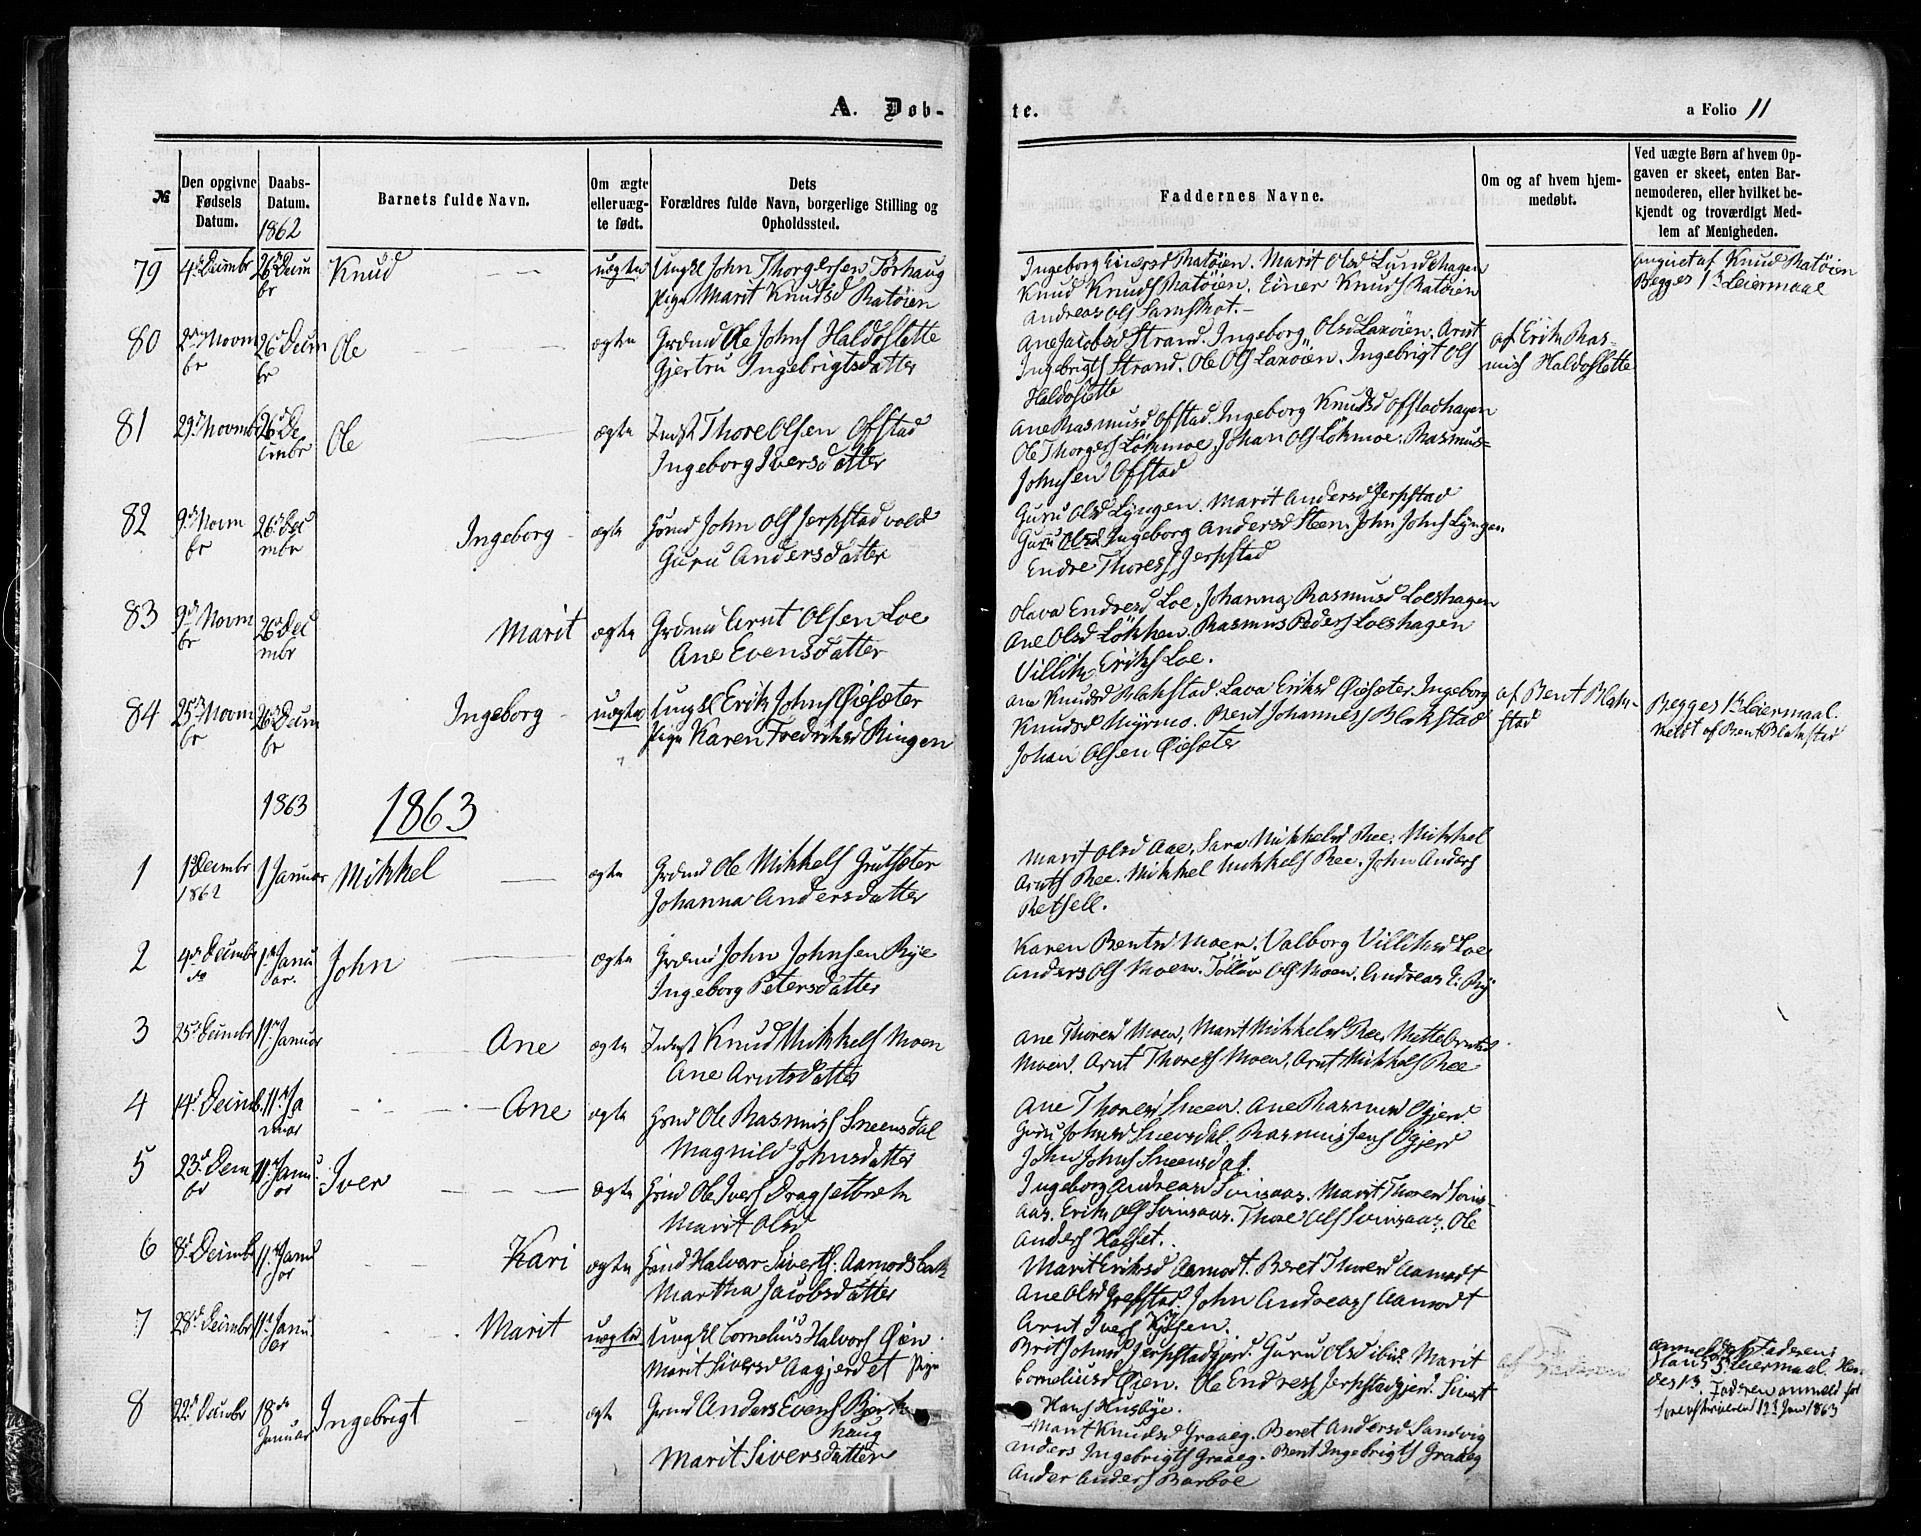 SAT, Ministerialprotokoller, klokkerbøker og fødselsregistre - Sør-Trøndelag, 672/L0856: Ministerialbok nr. 672A08, 1861-1881, s. 11